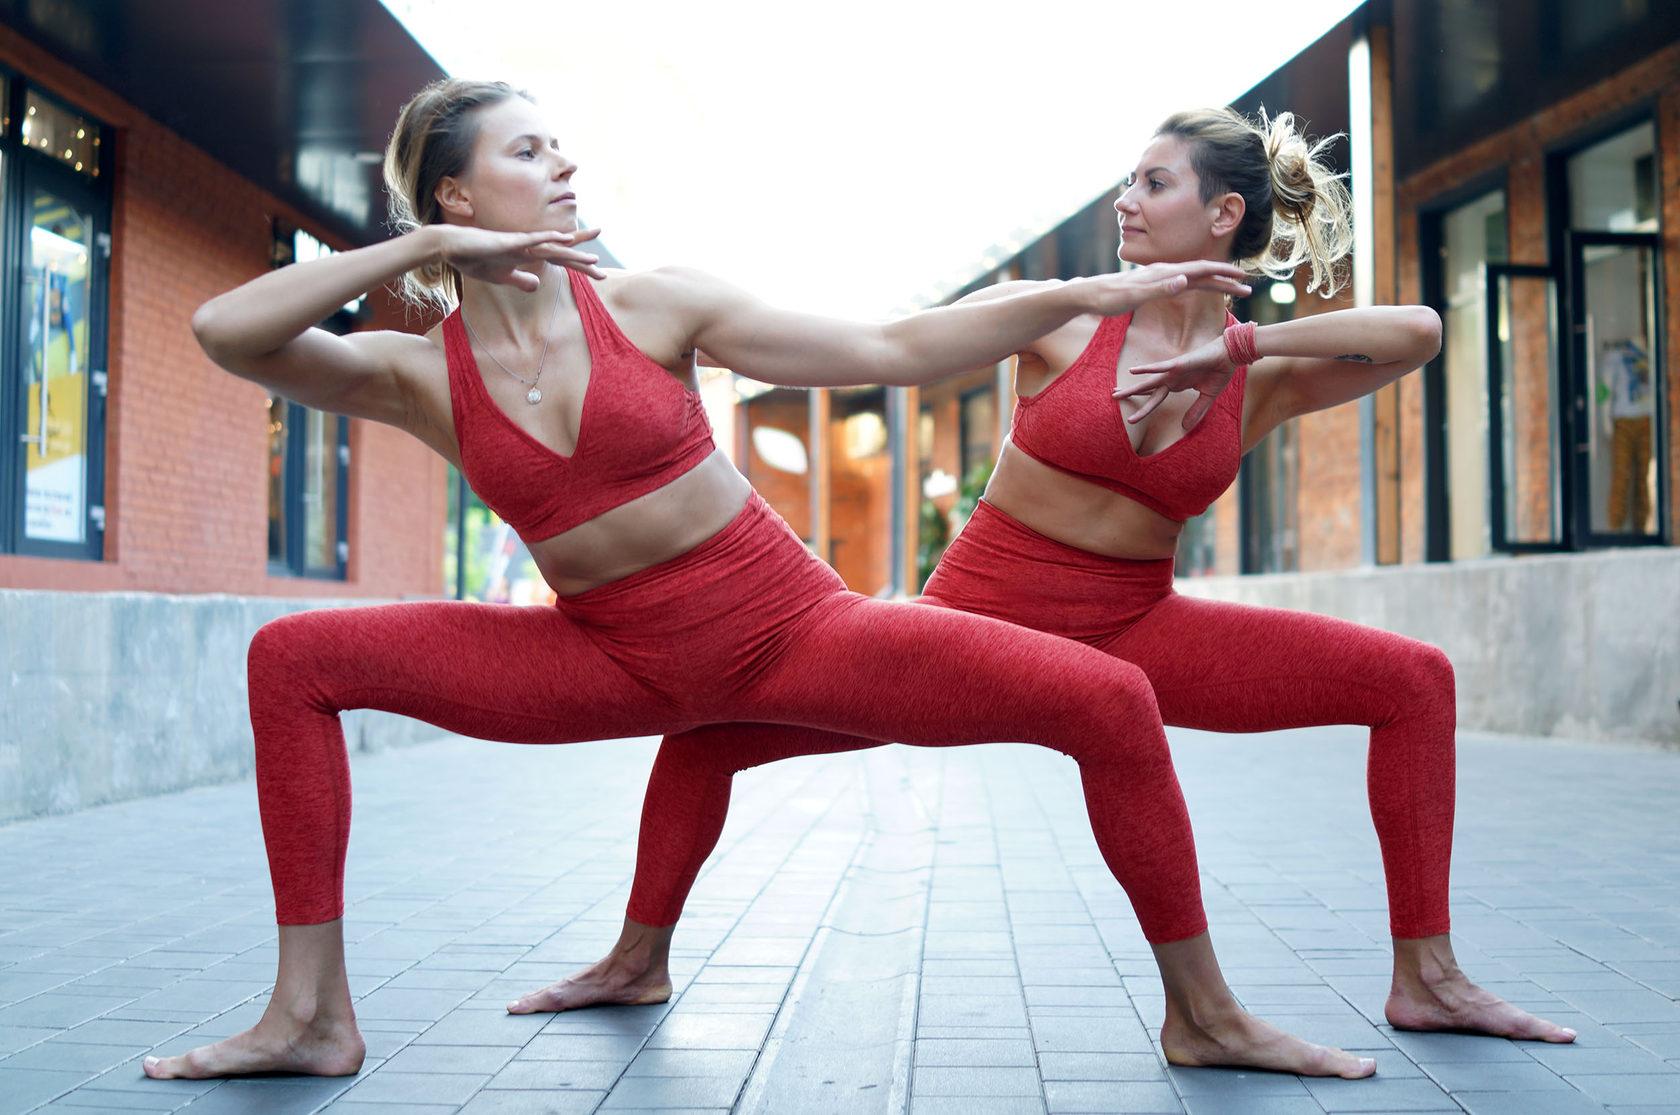 тока воздействует фотосессия в стиле йоги страница